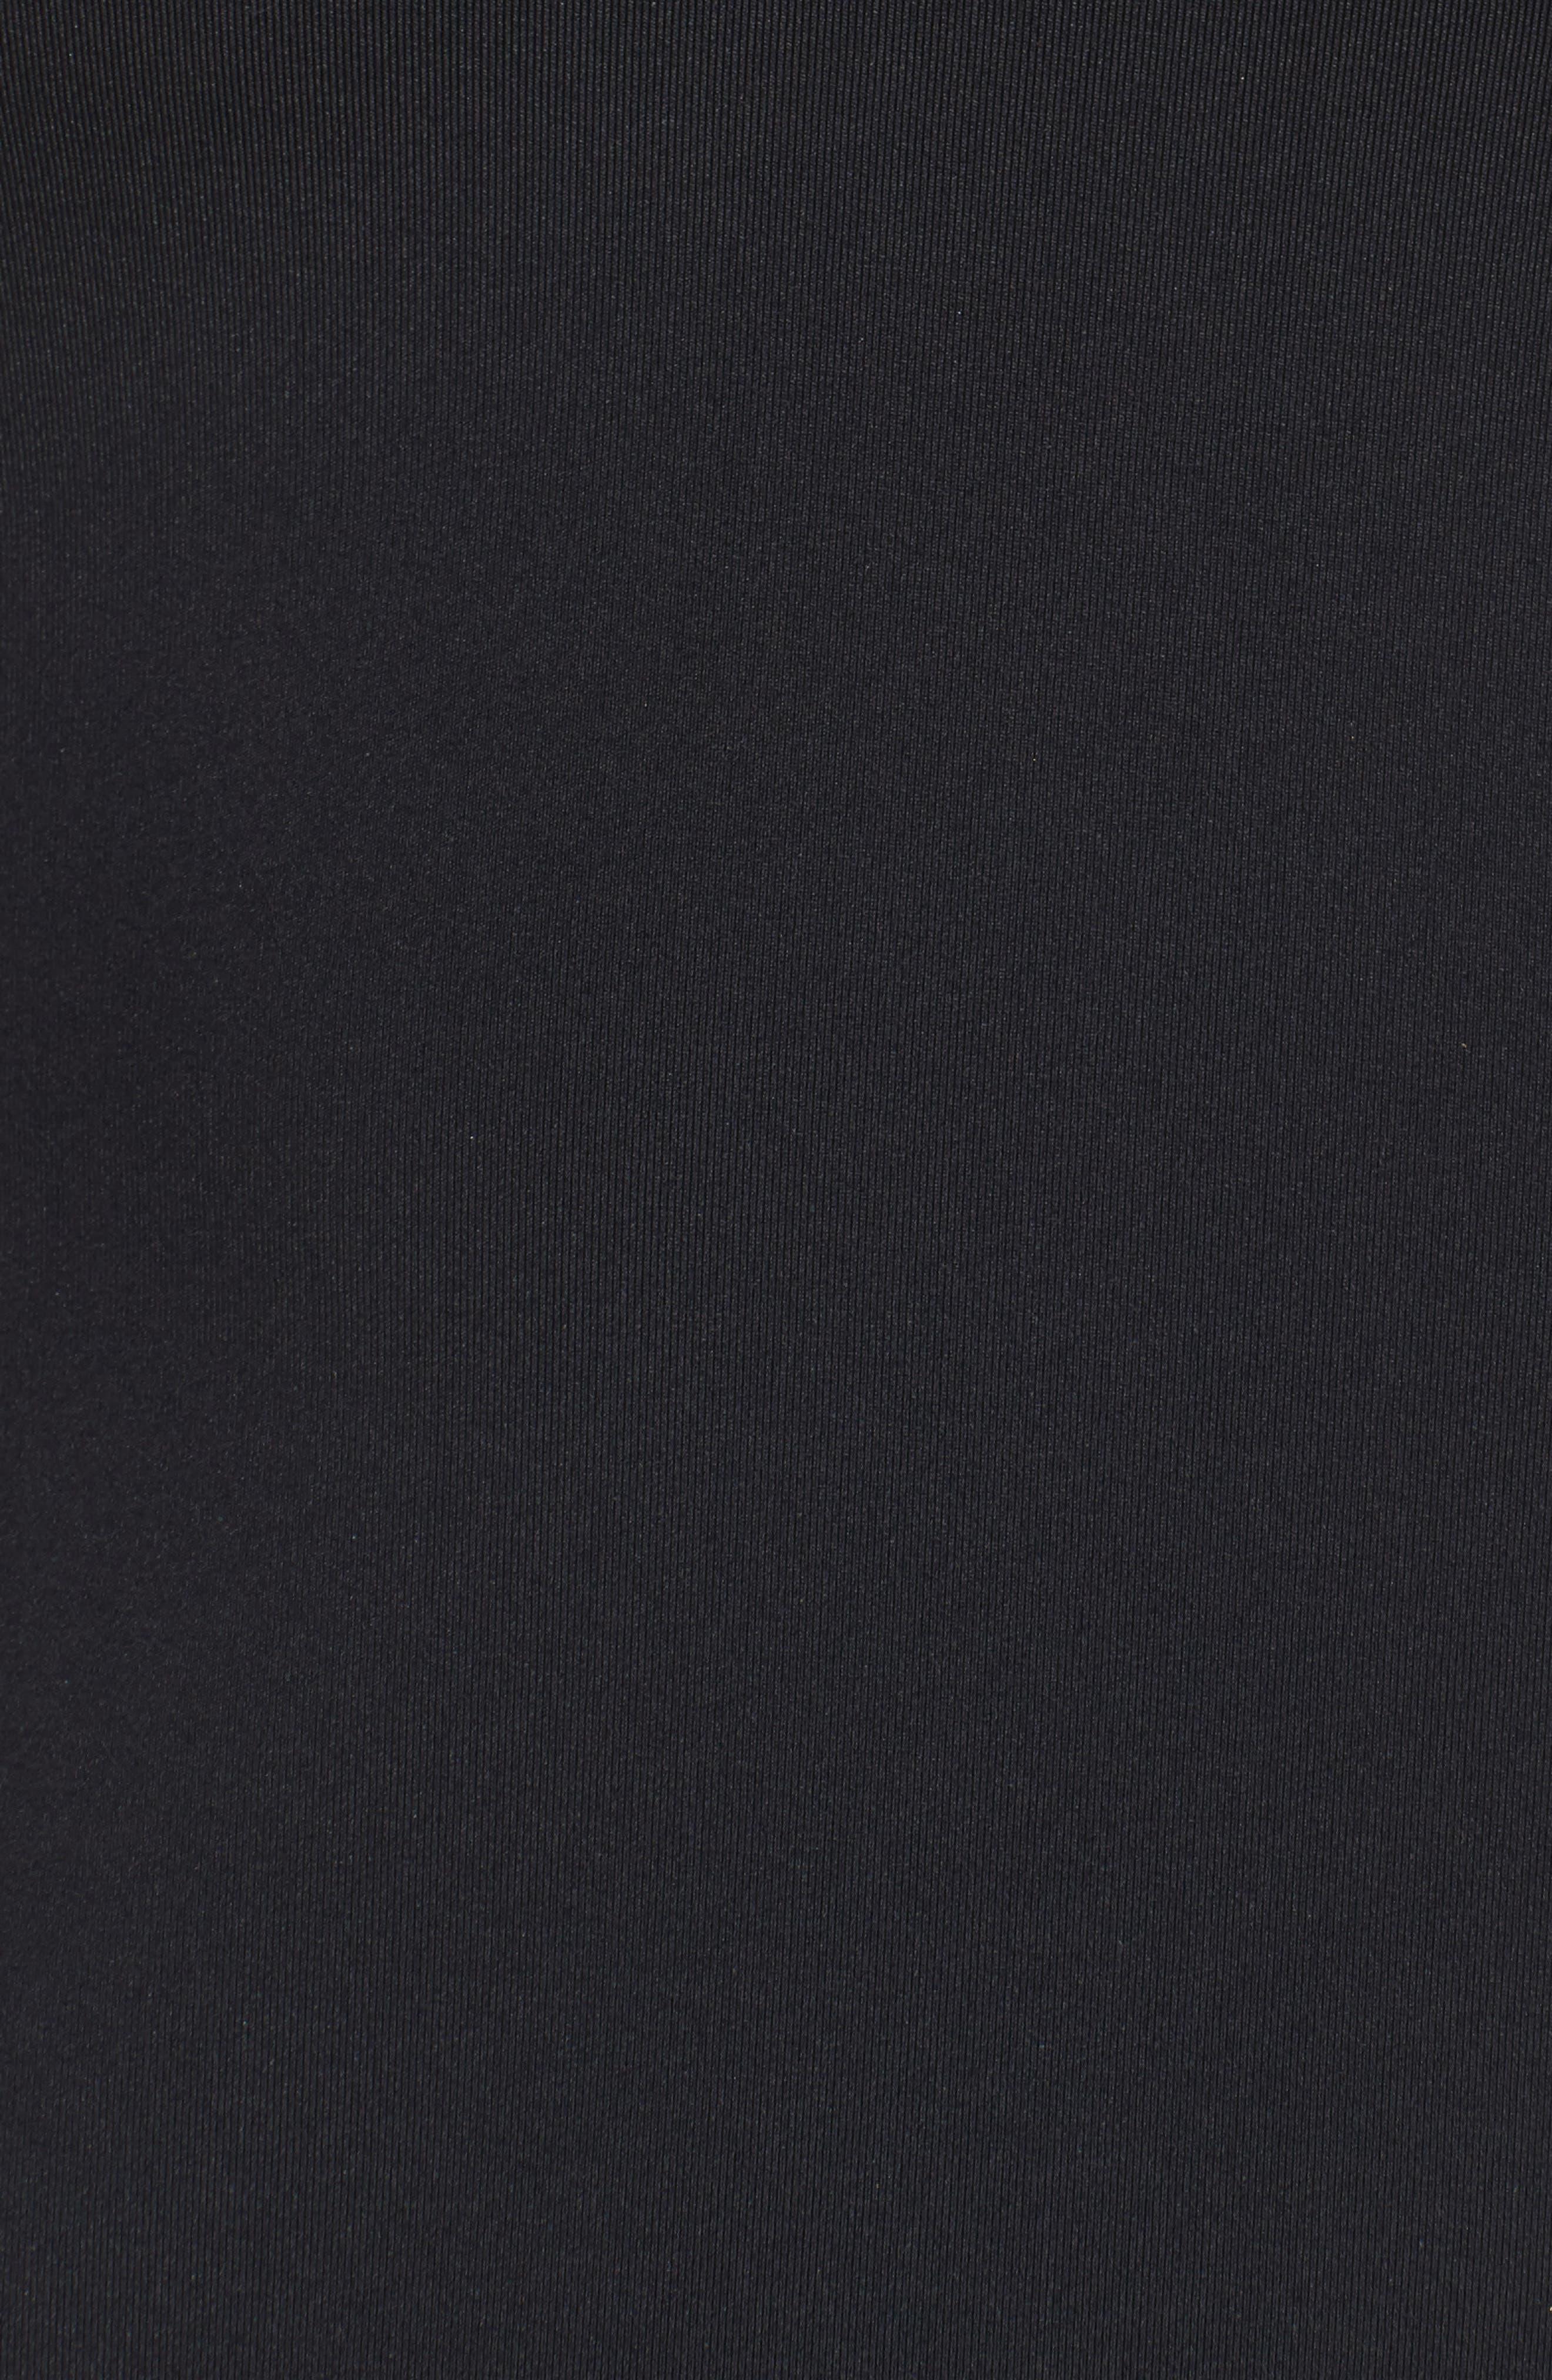 Multi Rouleau Singlet Tankini,                             Alternate thumbnail 5, color,                             001